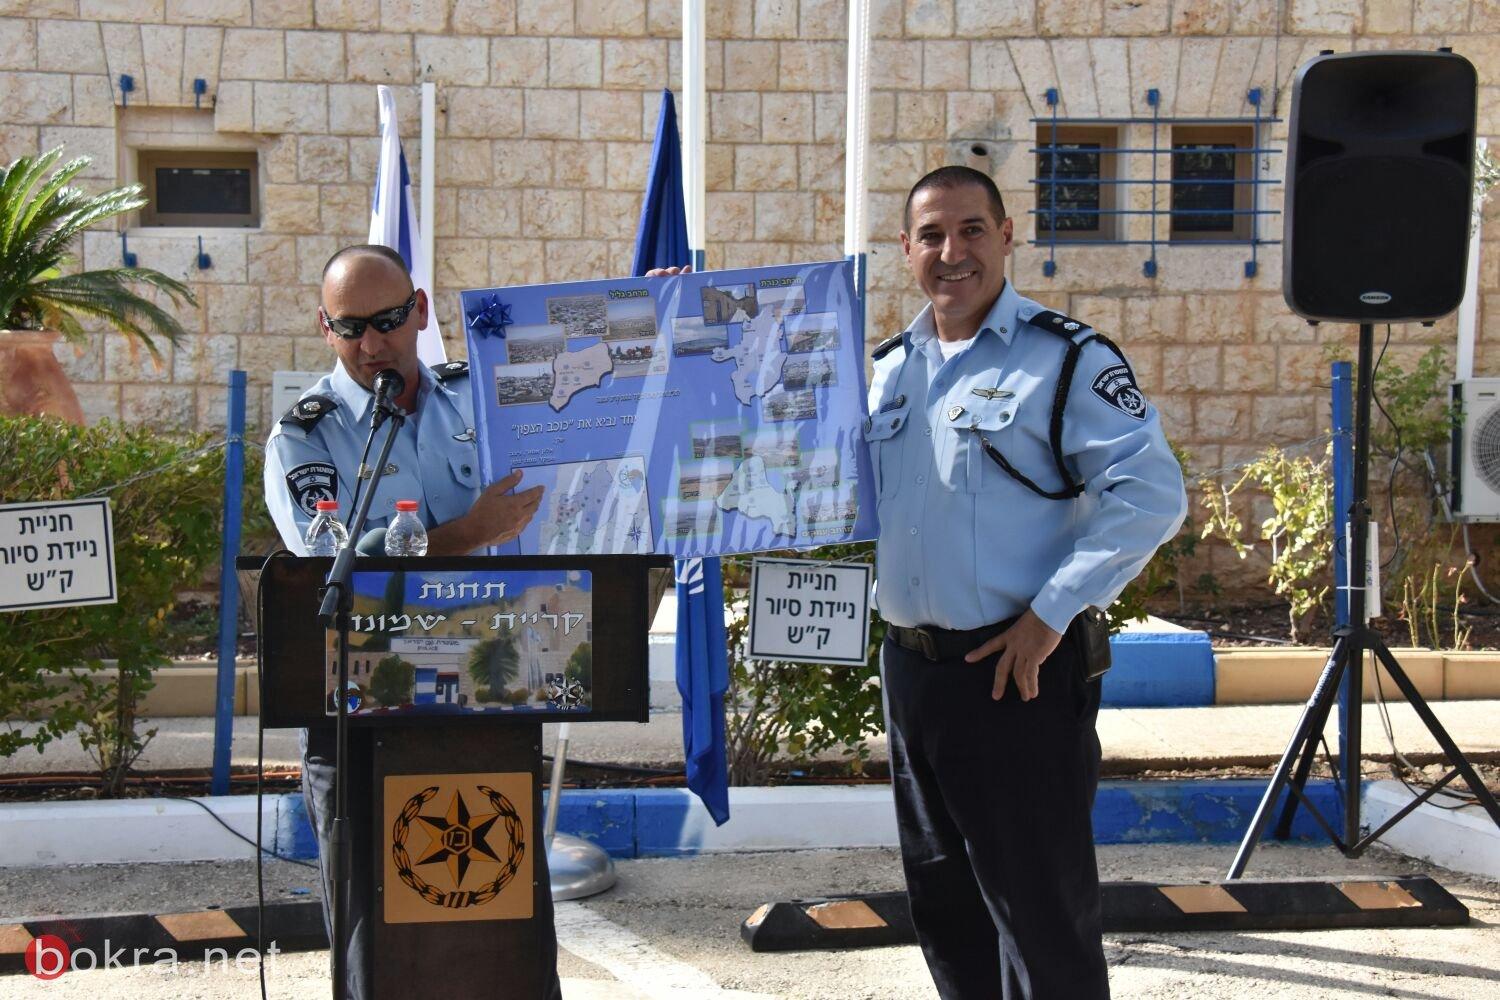 تعيين لطفي فلاح قائد شرطة بيت شان واياد فرج قائد شرطة كريات شمونة